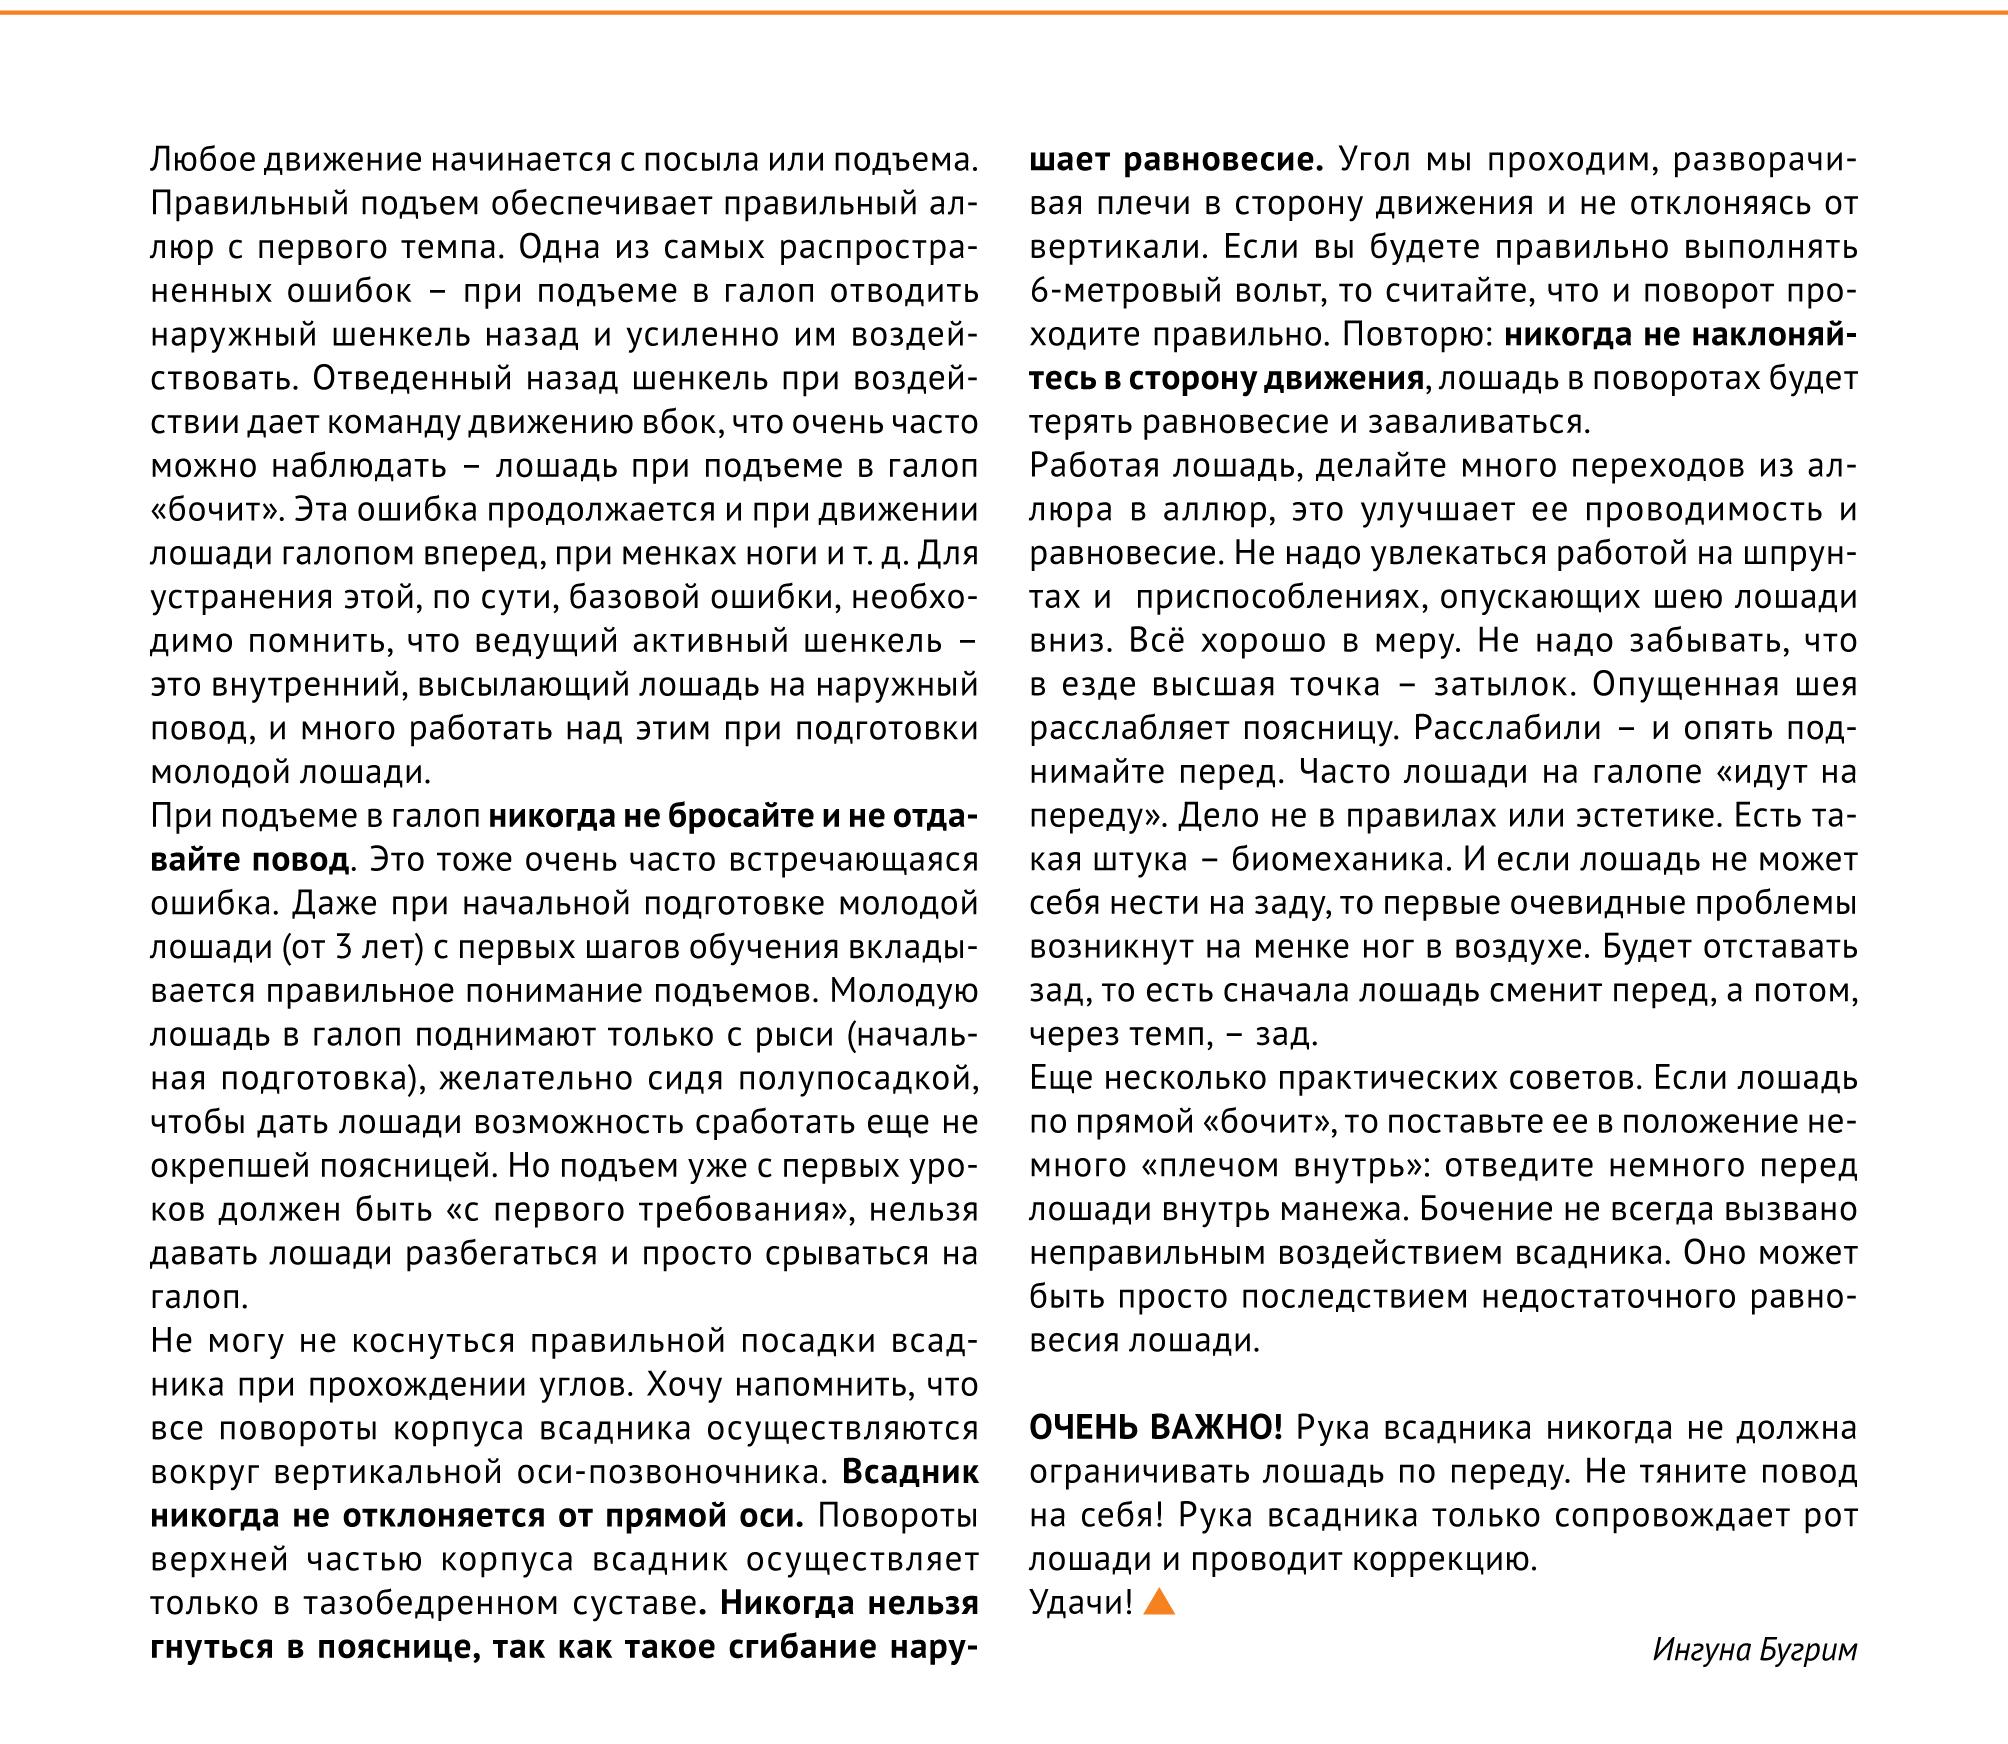 Book КОНЕВОДИТЕЛЬ 4_ proof-11